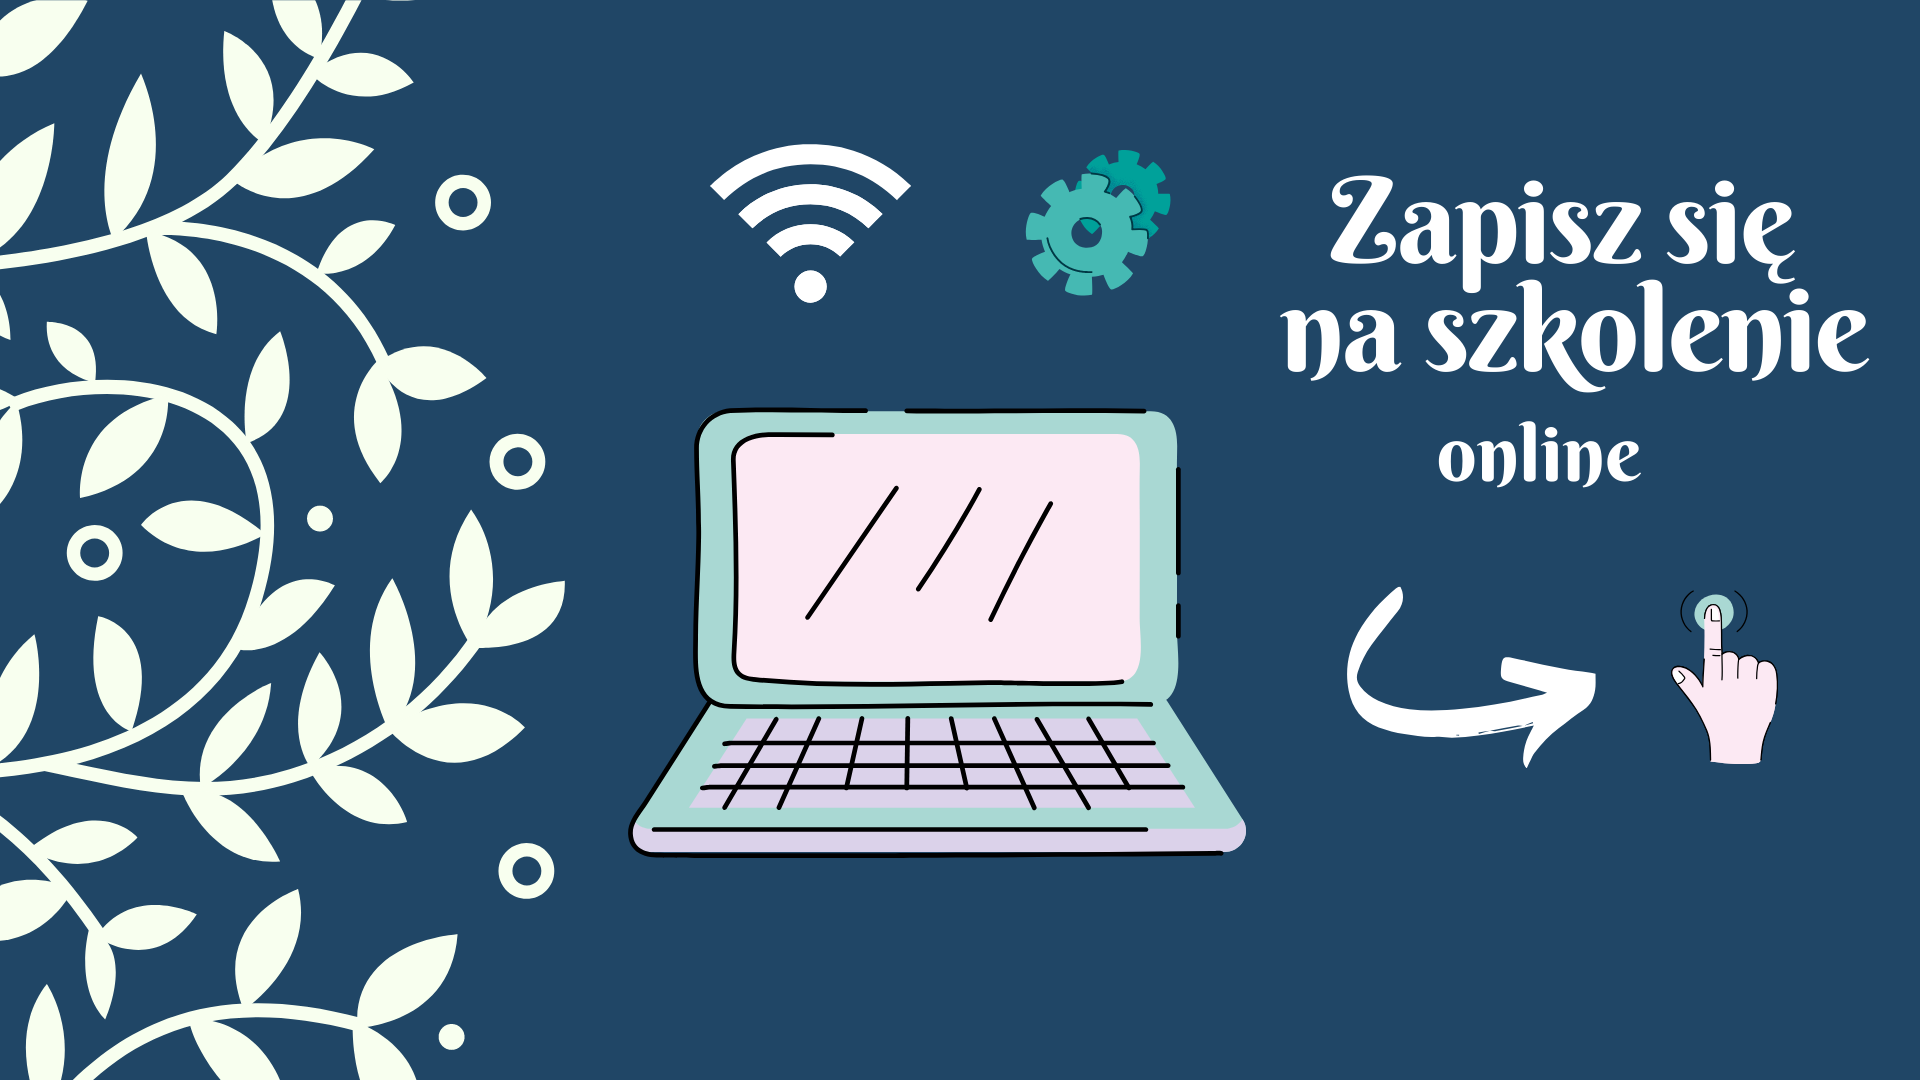 grafika zachęcająca do udziału w szkoleniu, widoczny laptop, symbol Wi-Fi oraz hasło Zapisz się na szkolenie online